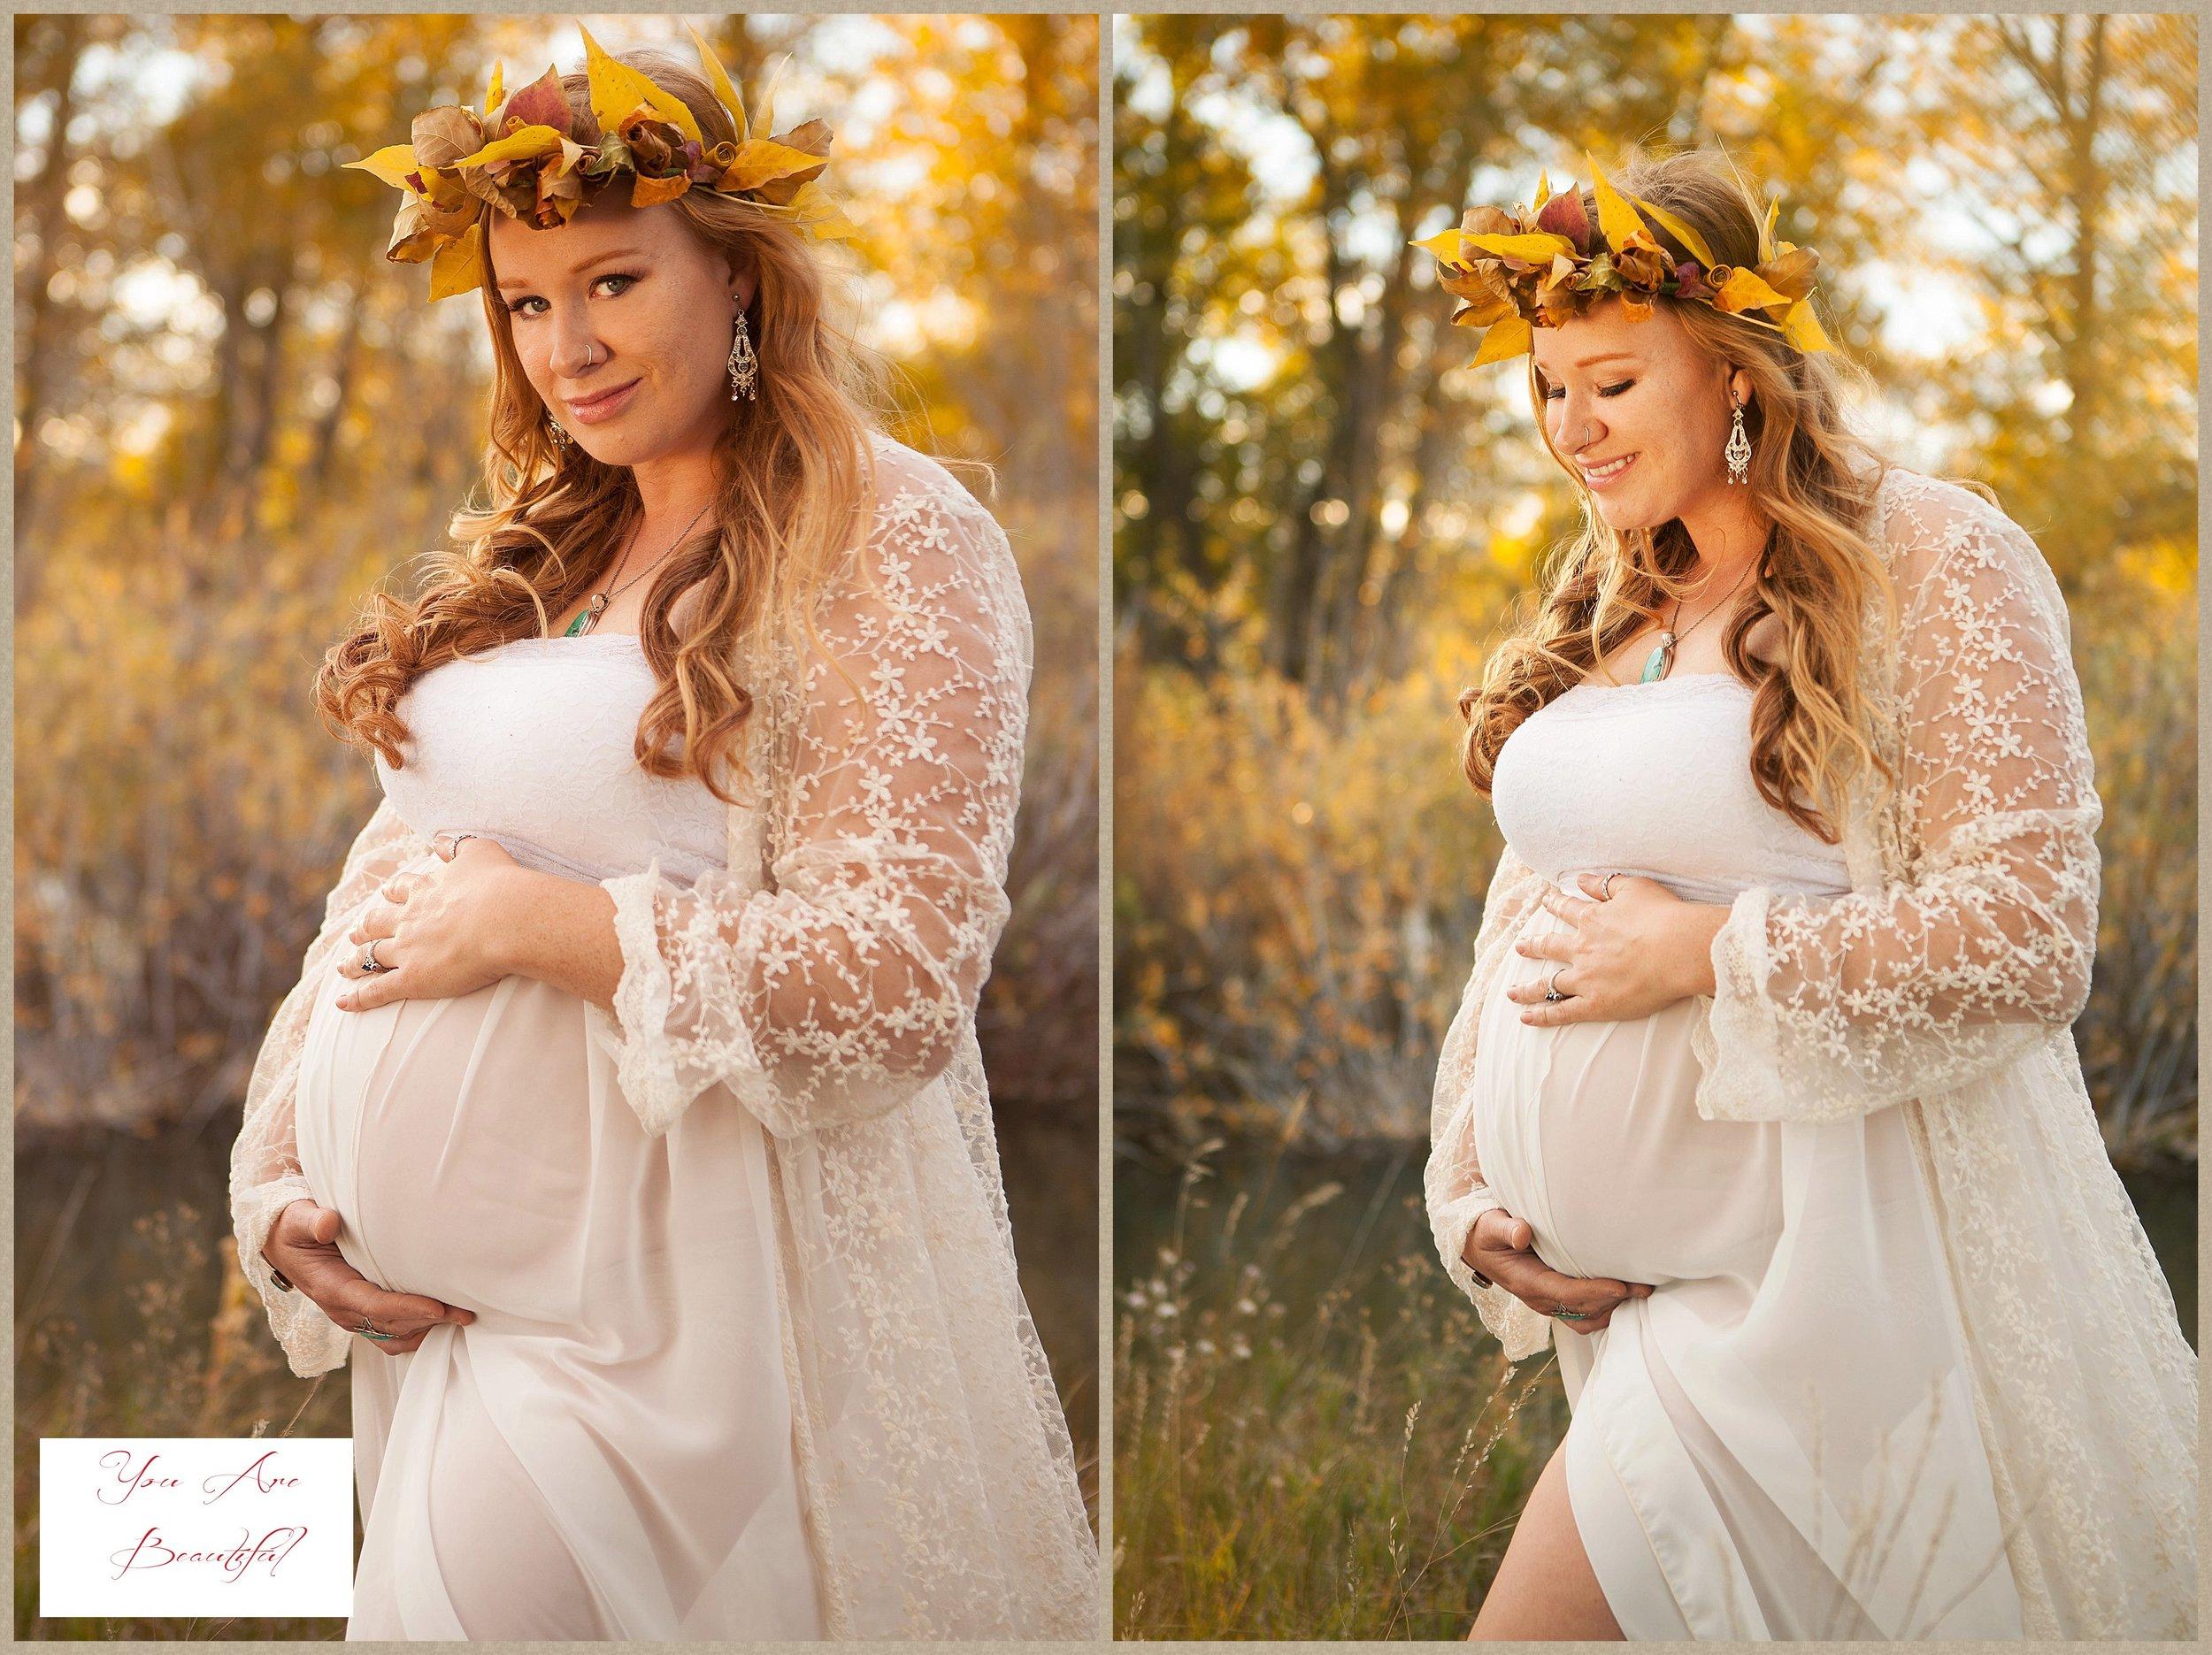 Amy's beautiful maternity glamour portraits.